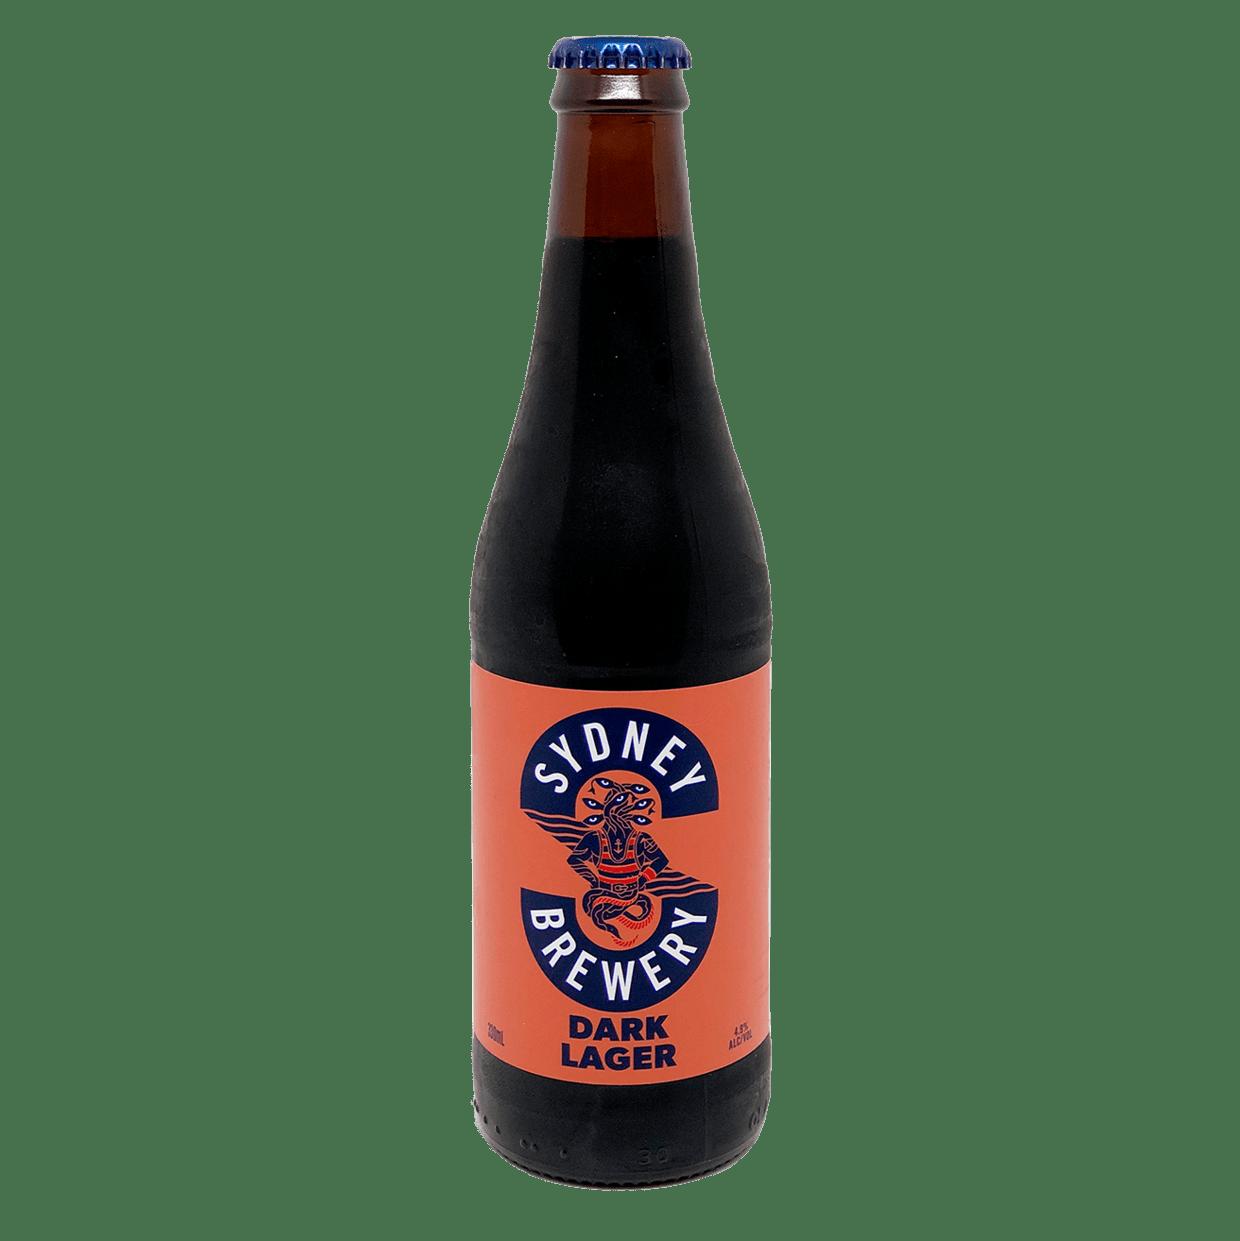 Dark Lager bottles Sydney Brewery